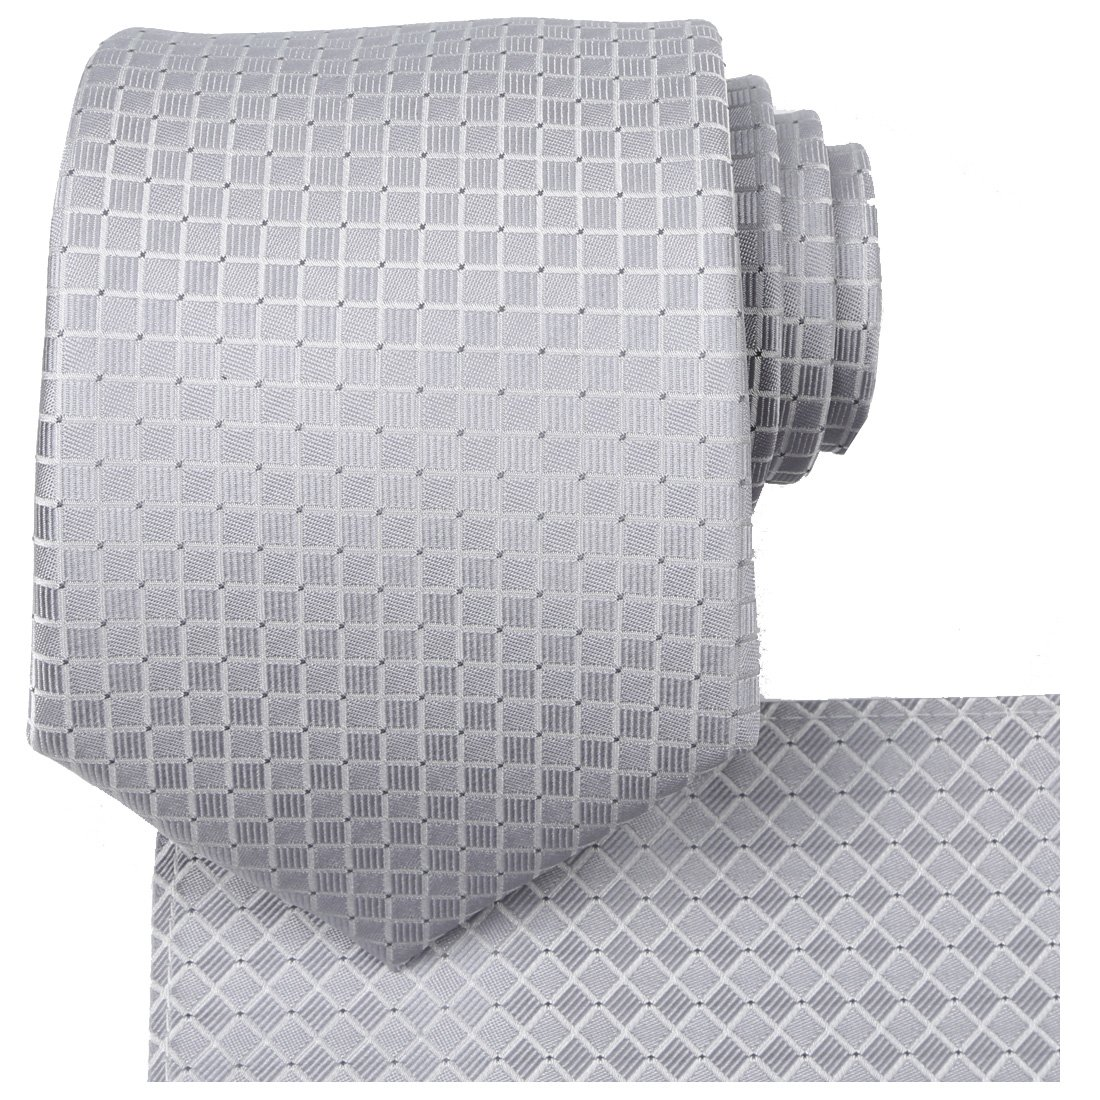 KissTies Mens Gray Solid Wedding Tie Grey Necktie + Hanky + Gift Box